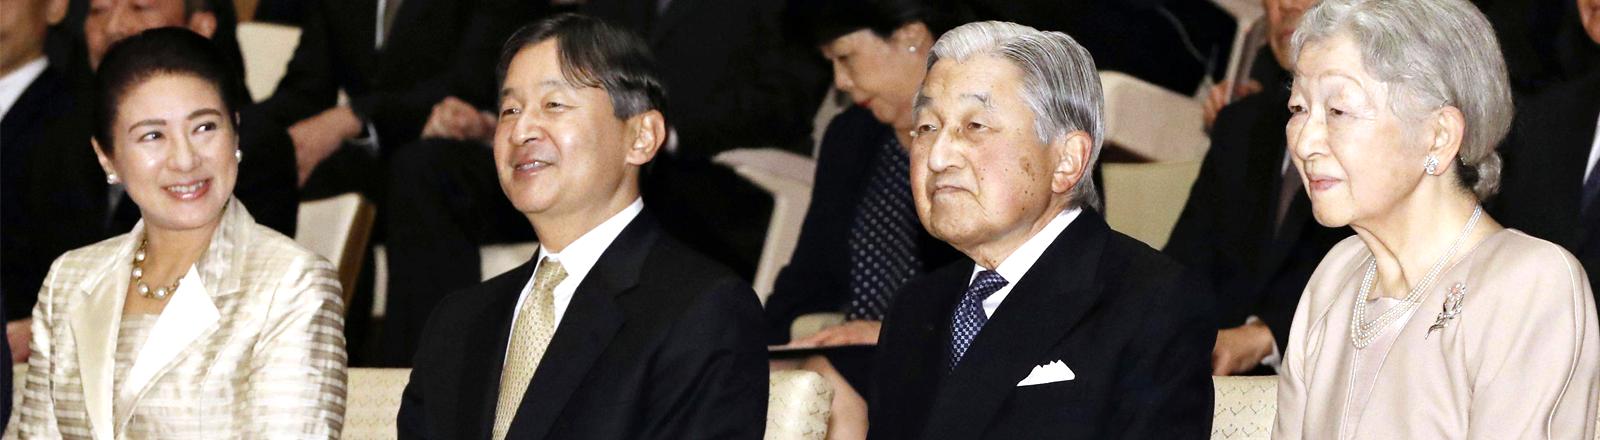 Der japanische Kronprinz Naruhito mit seiner Frau und seinen Eltern Kaiser Akihito und Kaiserin Michiko auf einem Konzert am 2. April 2019